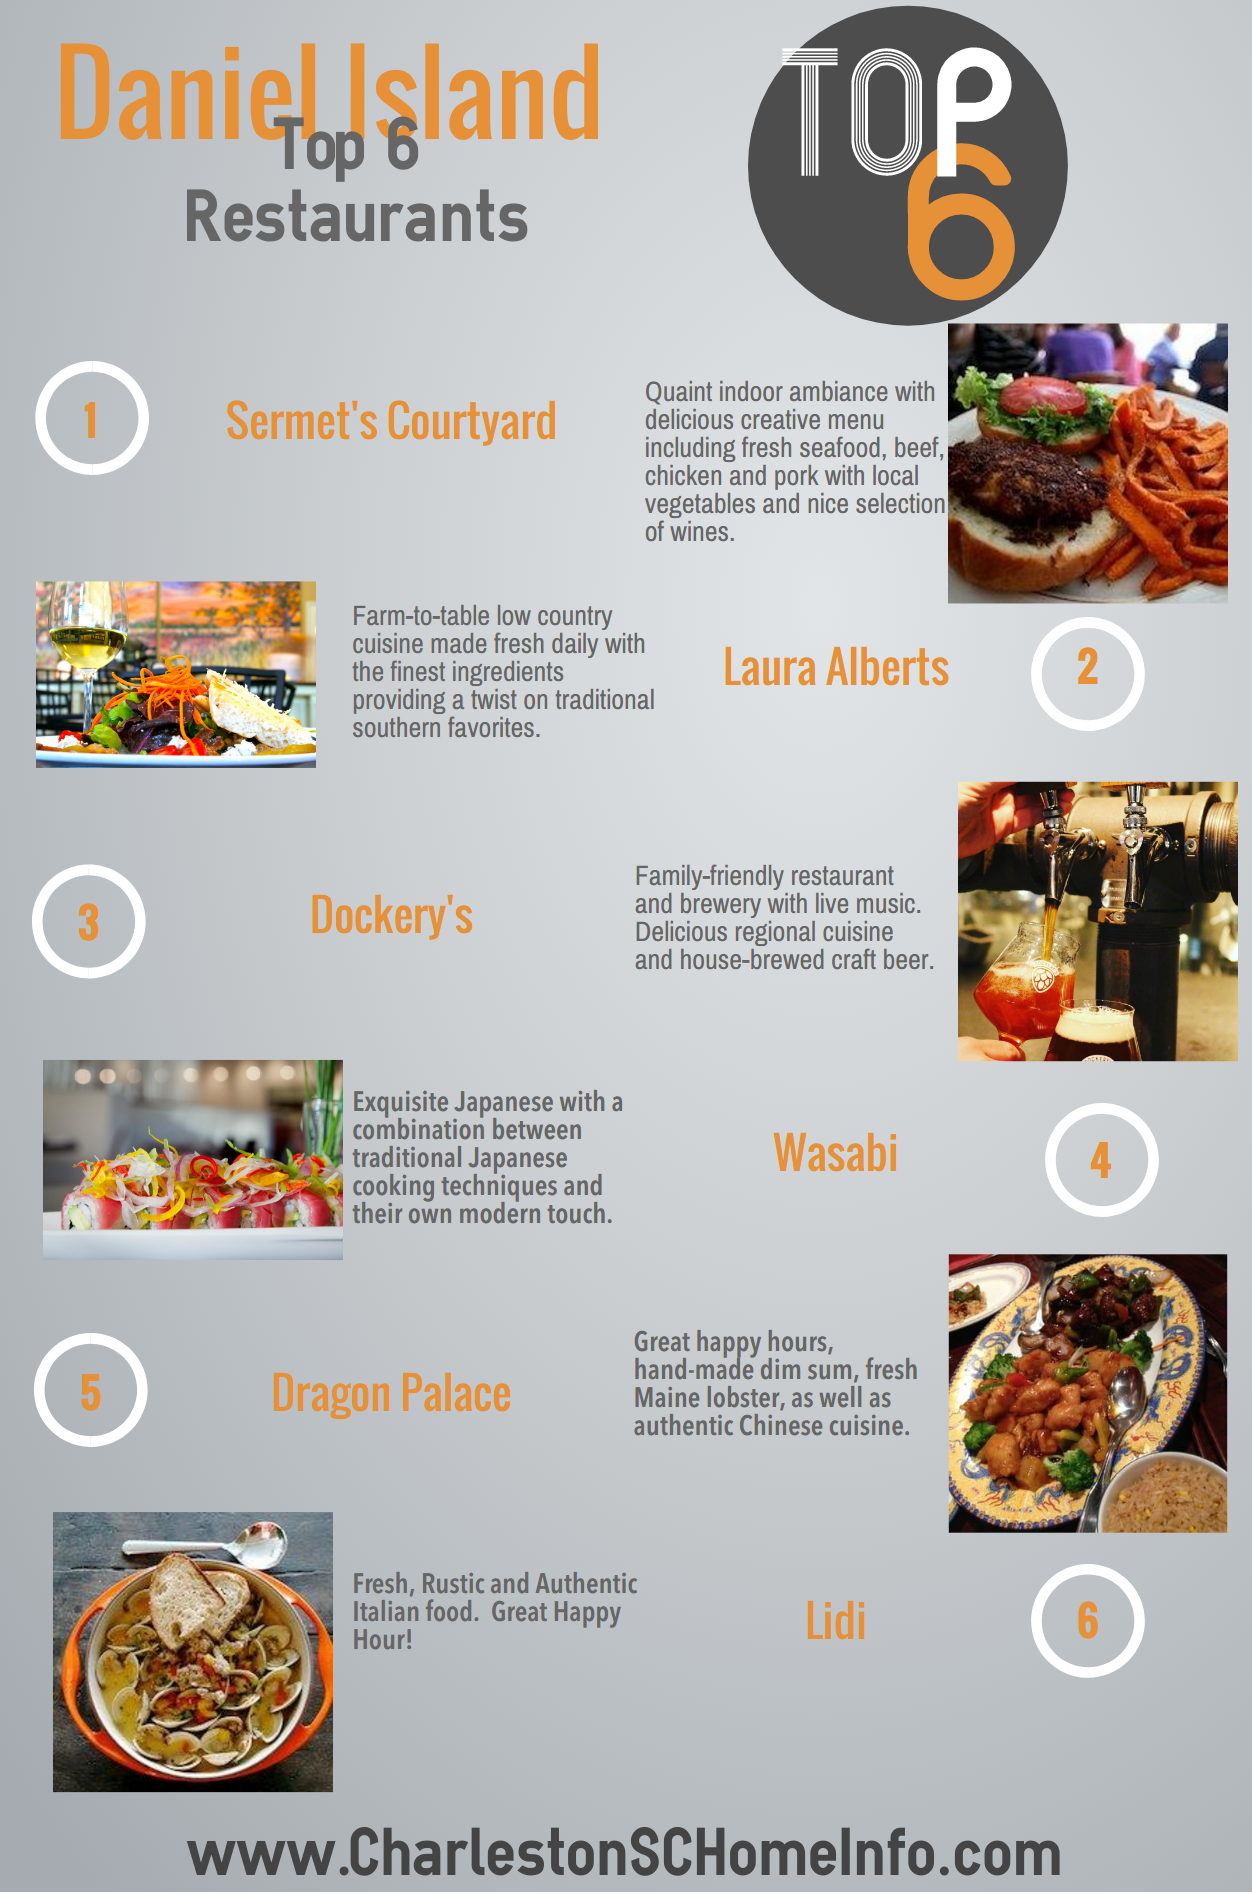 Daniel Island 6 Top Restaurants